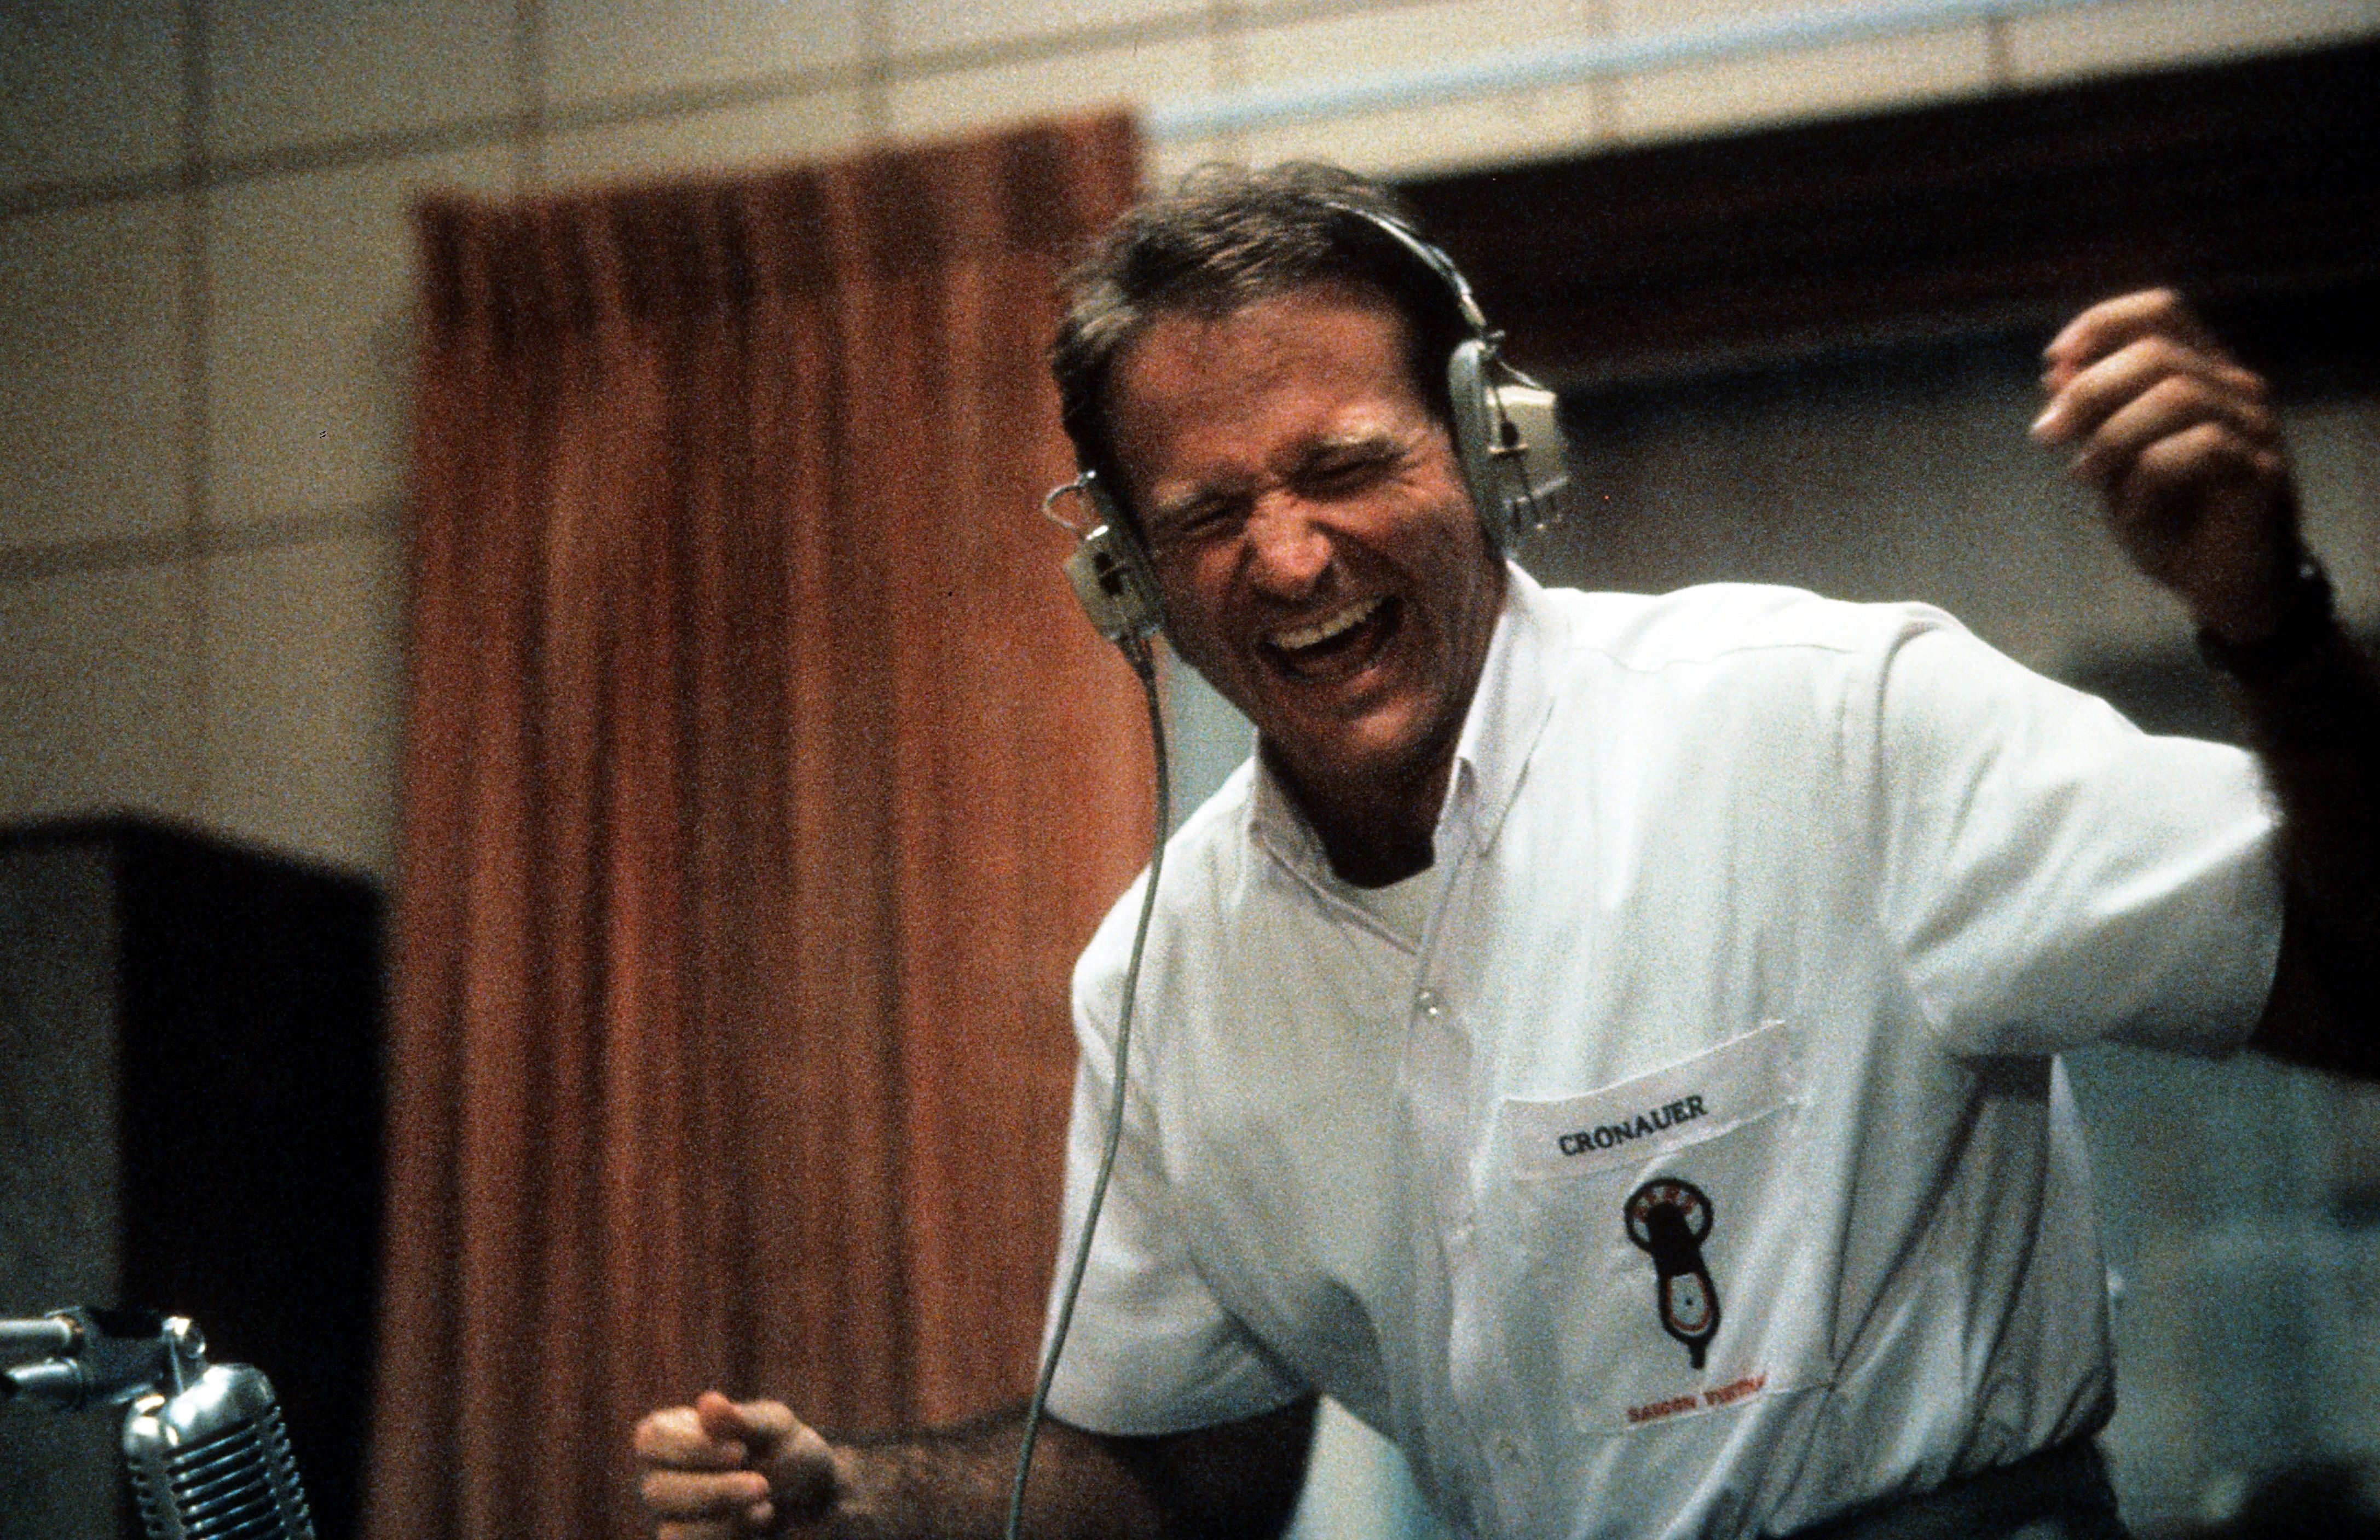 Good Morning Vietnam Movie Still 1987 Robin Williams As Adrian Cronauer Good Morning Vietnam Robin Williams Robin Williams Son